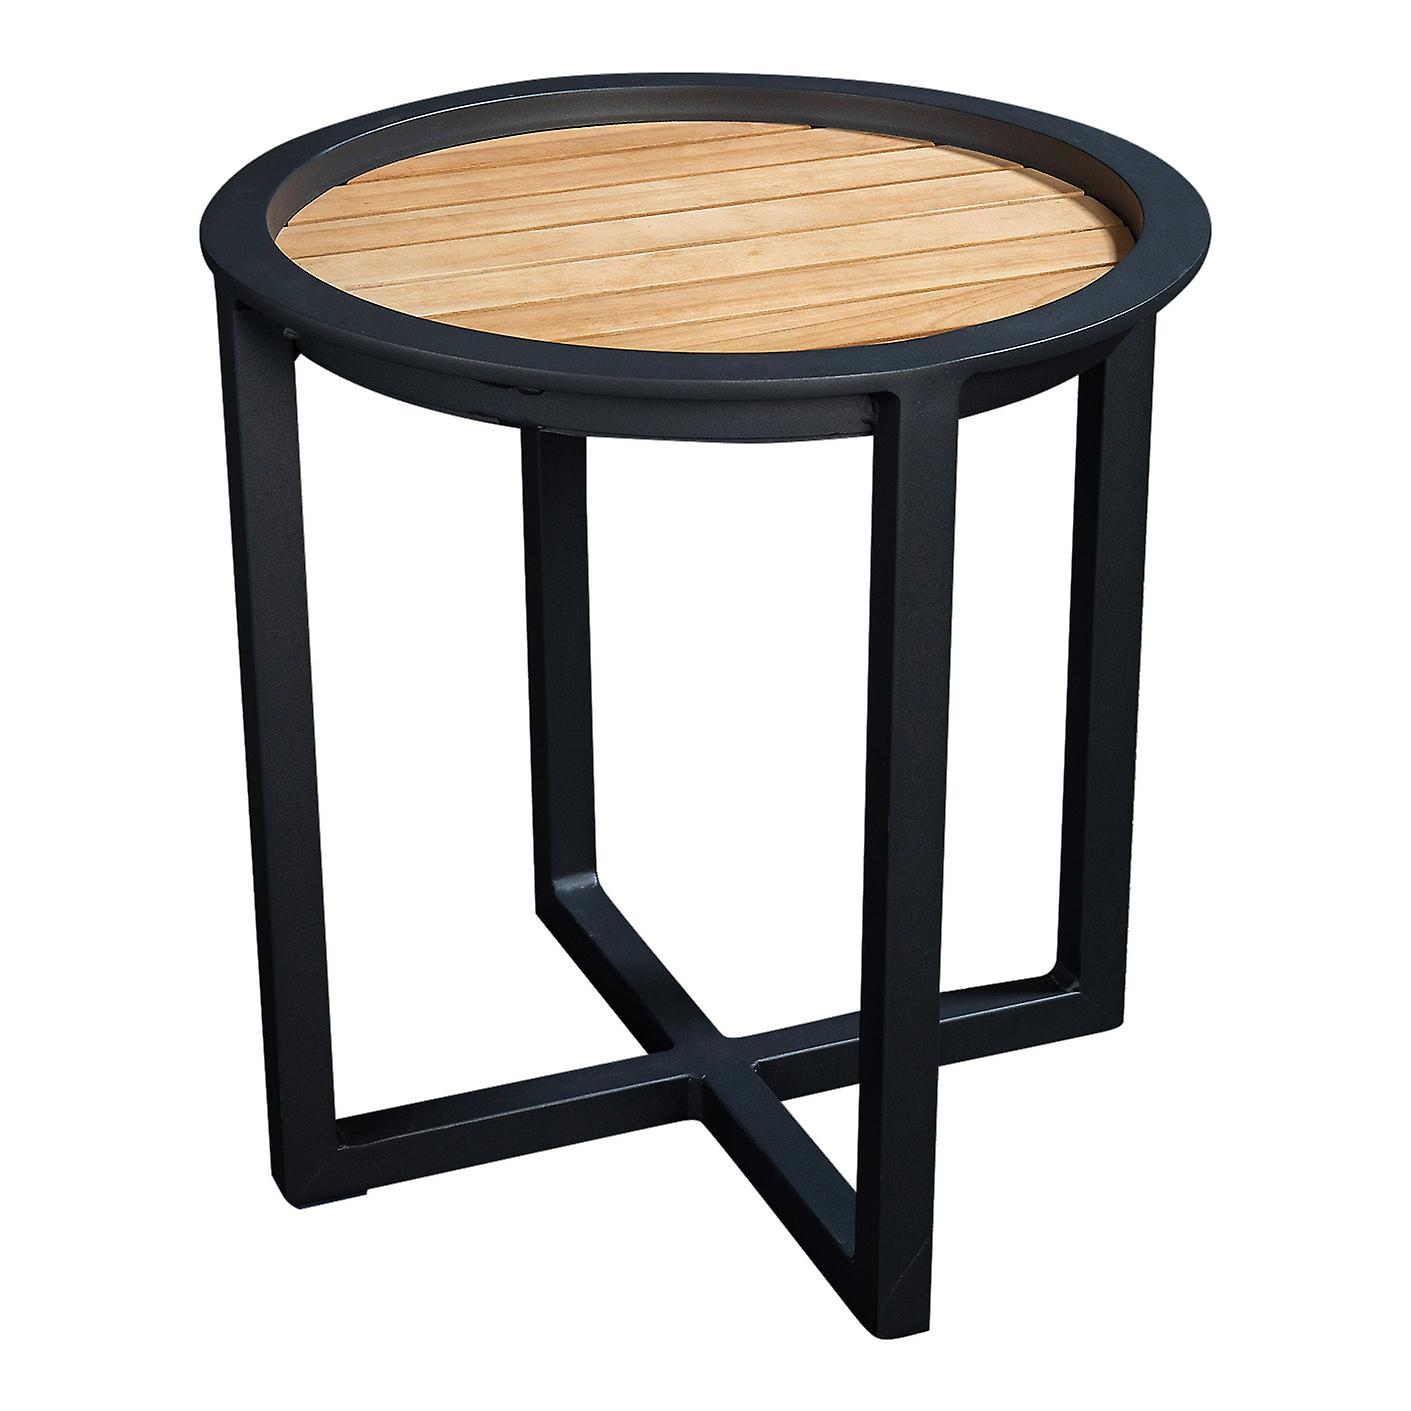 Plage7 - France QUEENS LOUNGE TABLE Alum/TEAK 50CM  Noir